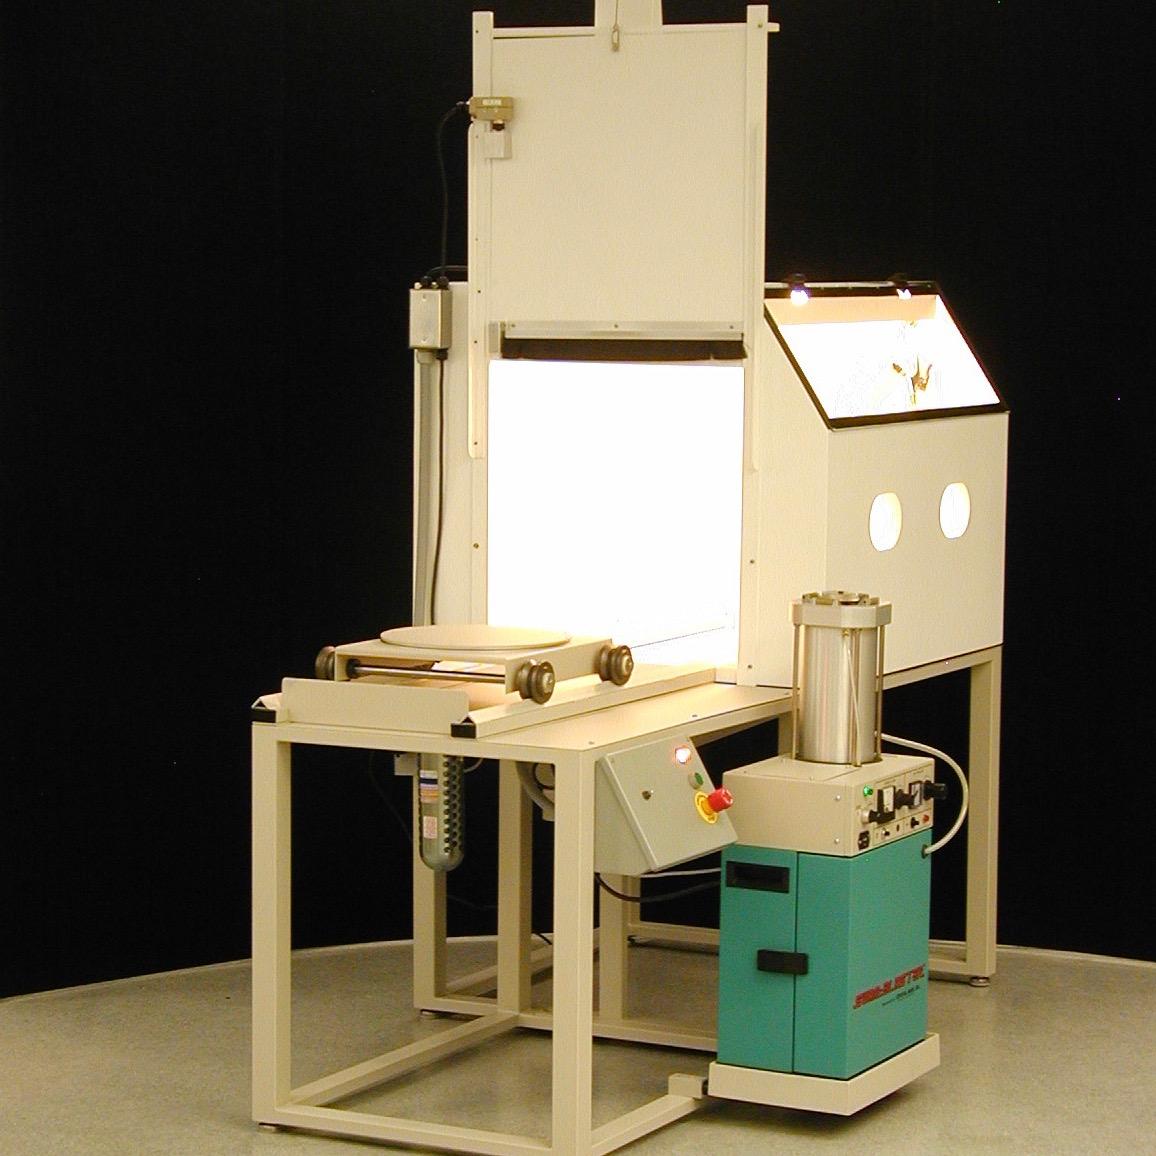 Micro Sandblaster Lv 1 Model Crystal Mark Micro Abrasive